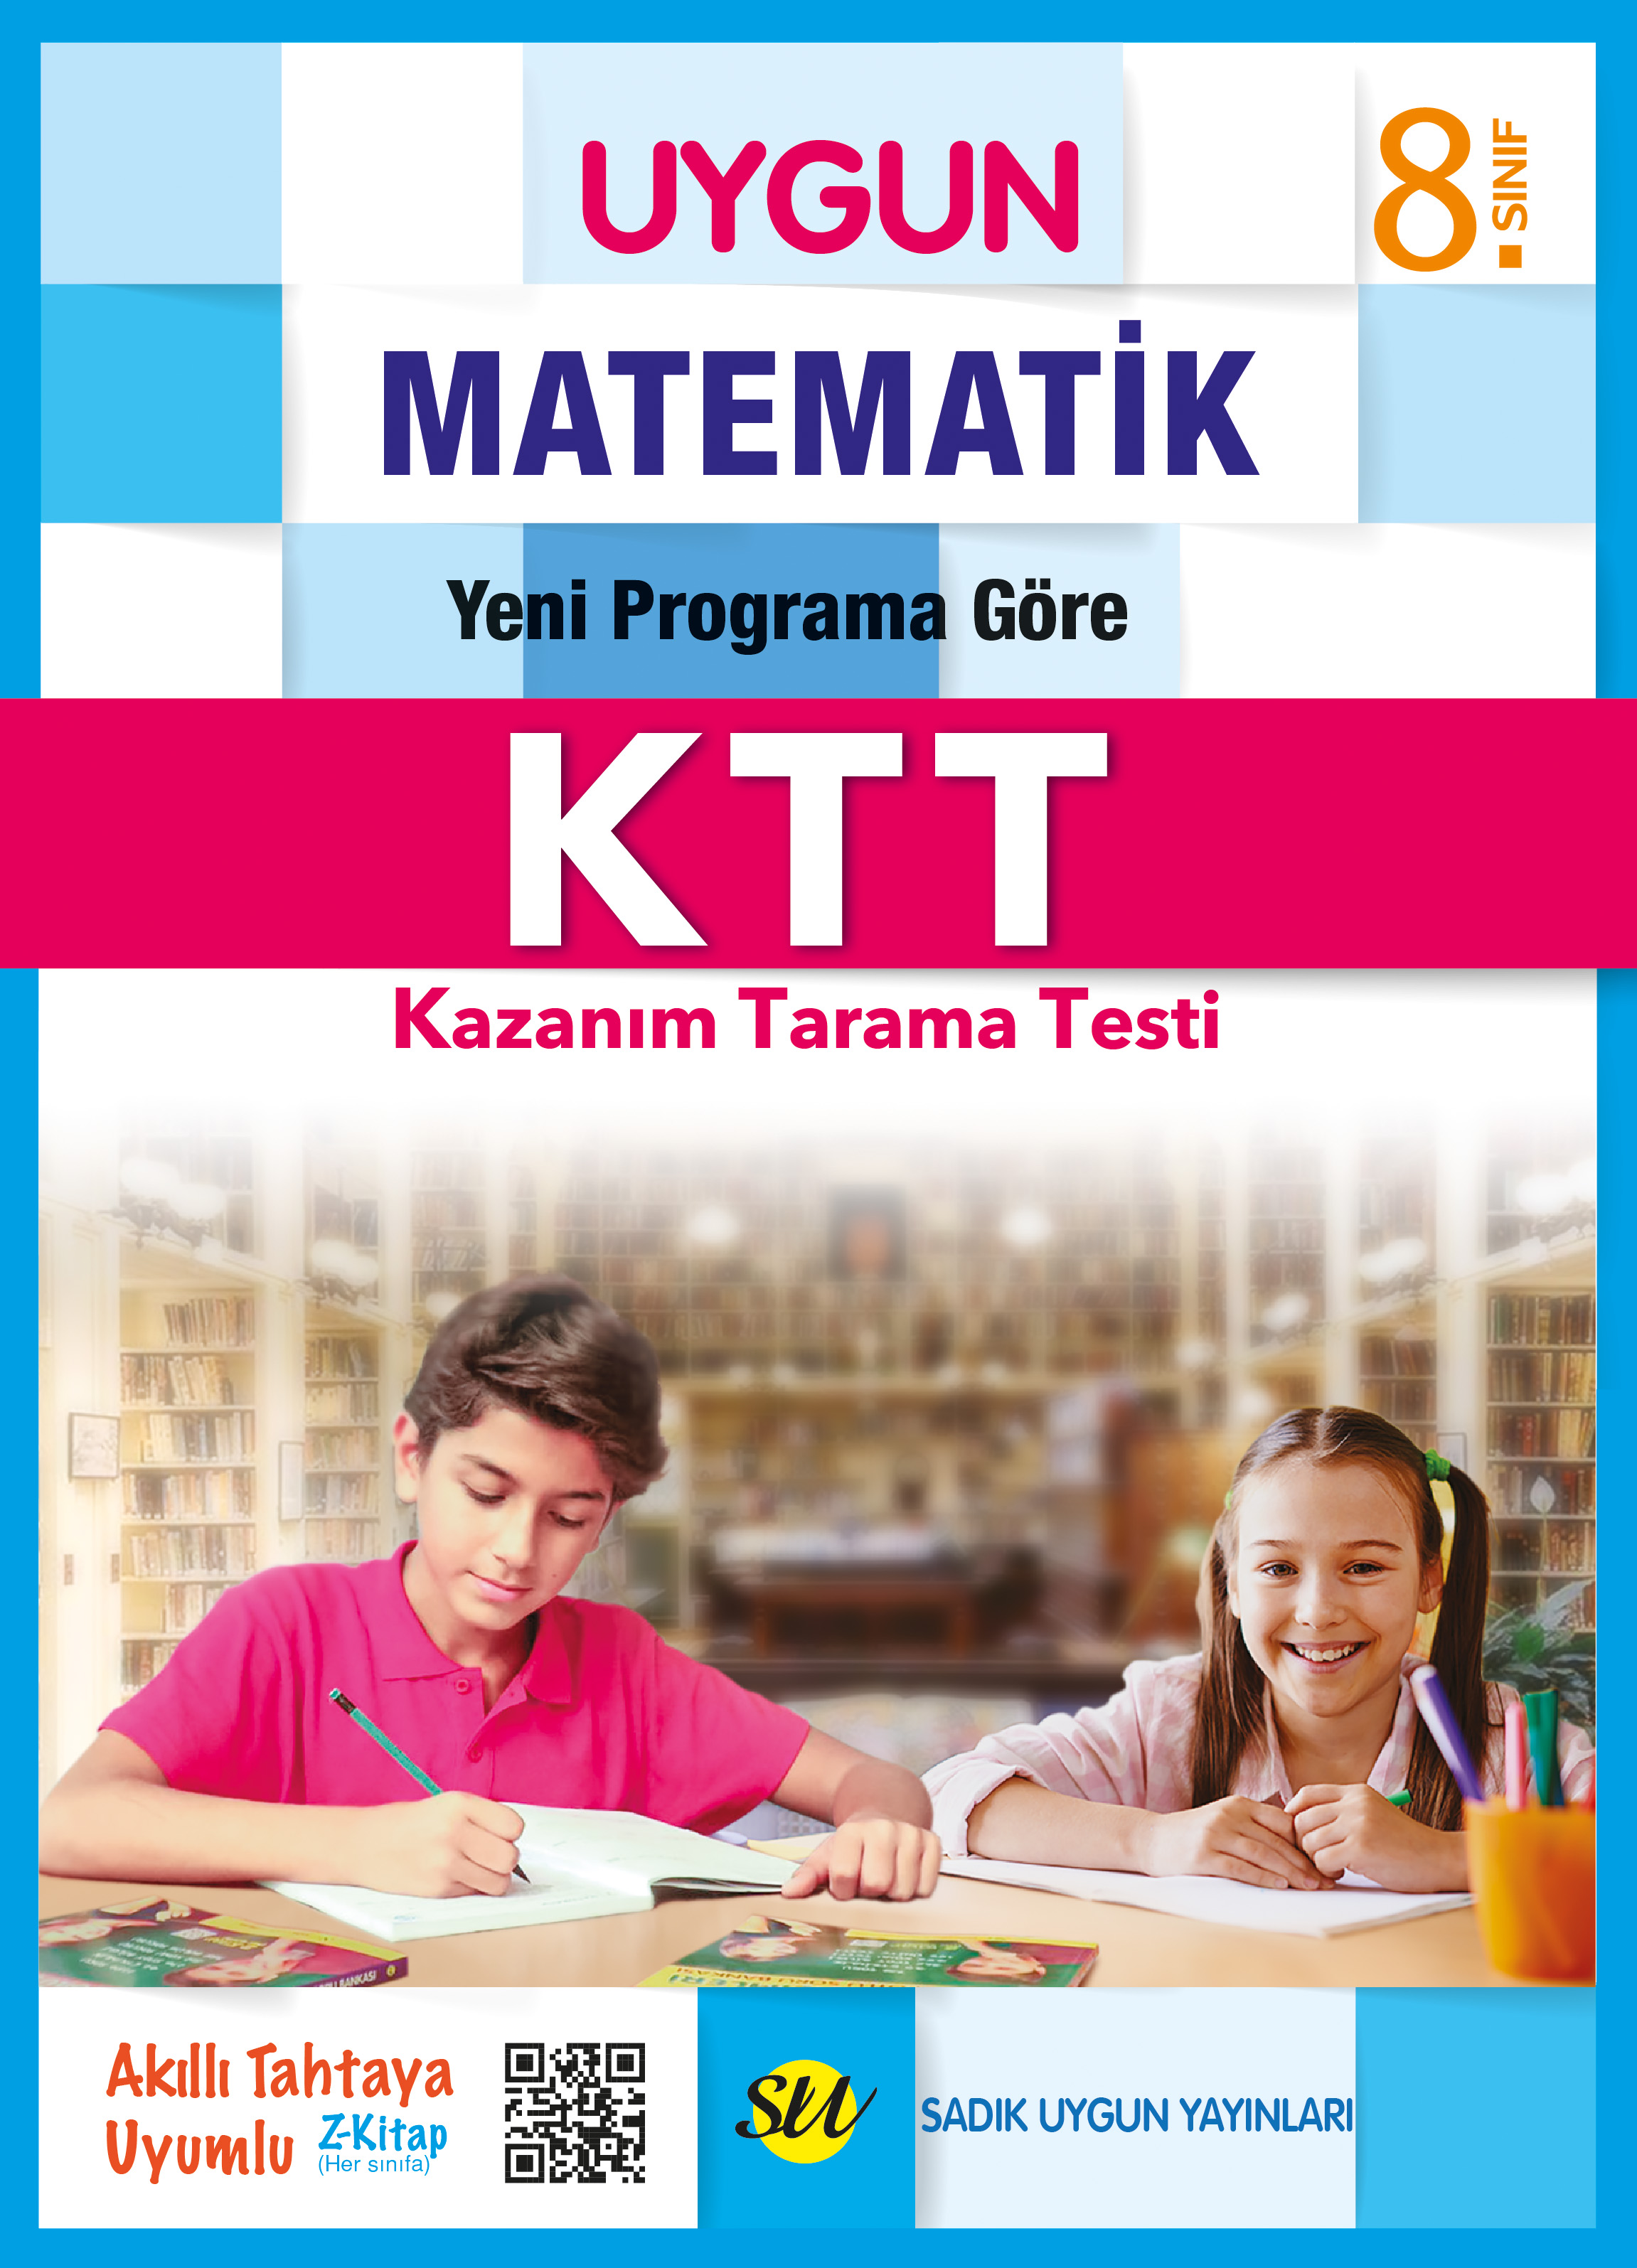 KTT Matematik (Kazanım Tarama Testleri) Kitabı 8. Sınıf